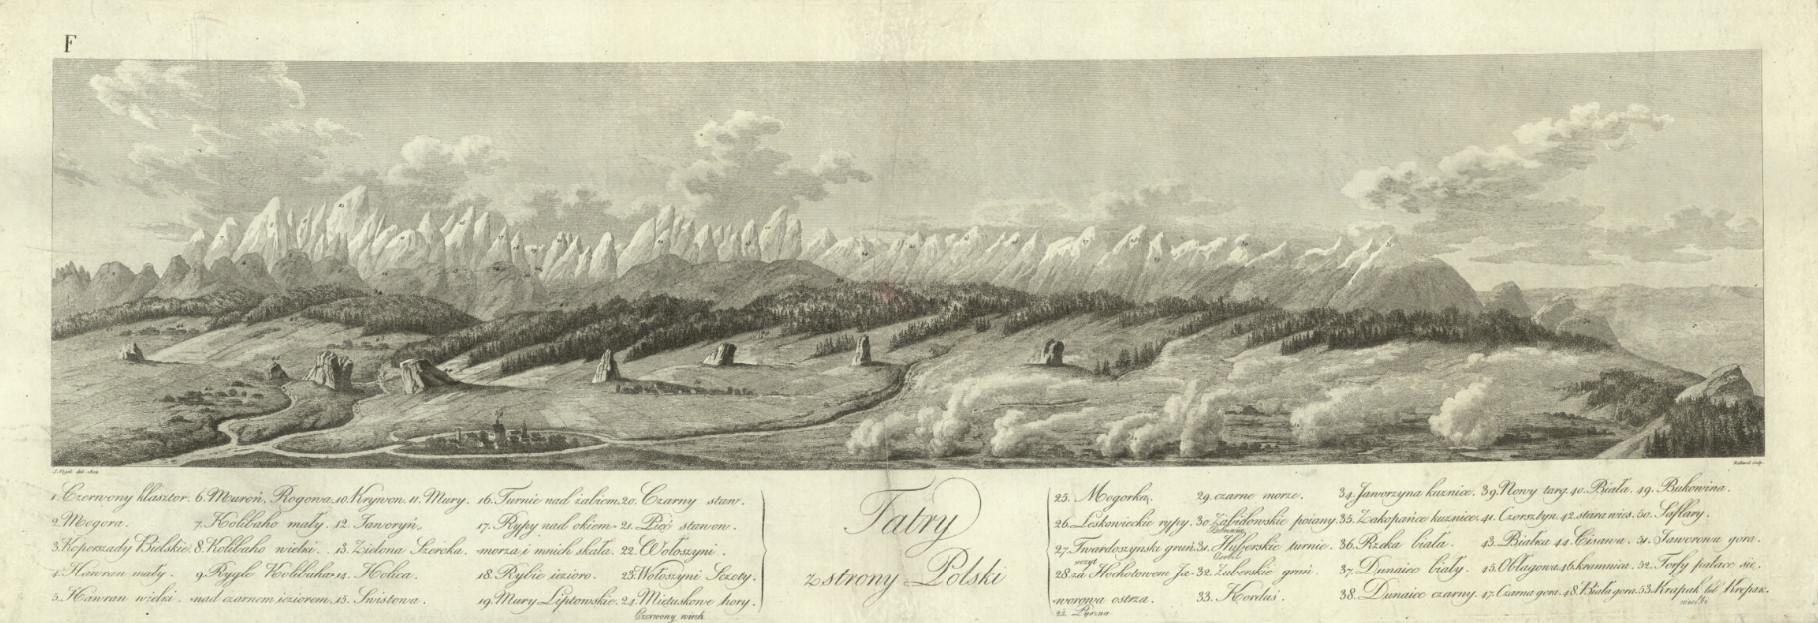 """""""Tatry z strony Polski"""" według rysunku Zygmunta Vogla, rytował Louis-Pierre Baltard, 1804 rok, źródło: Polona.pl"""